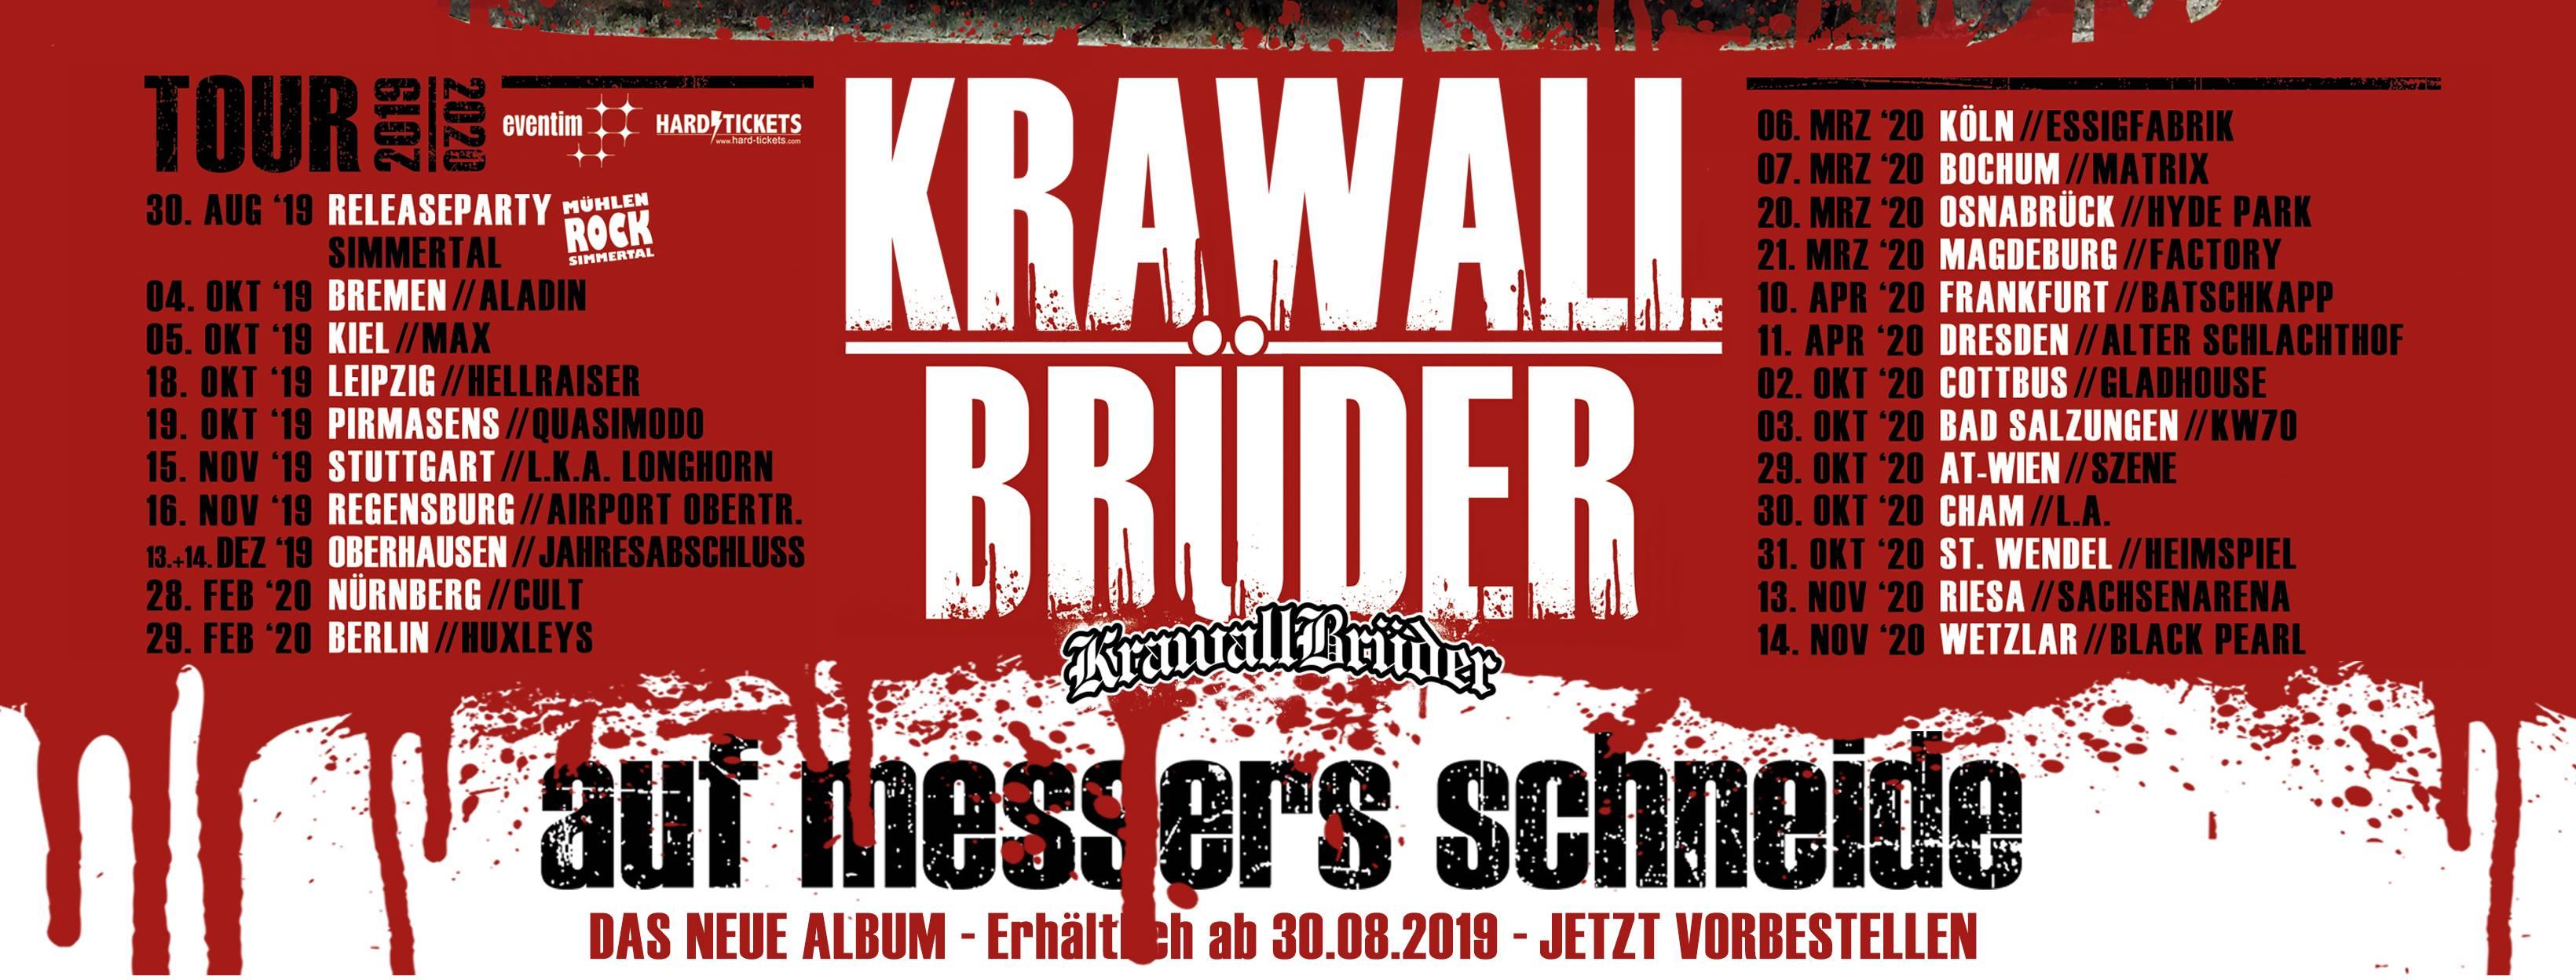 Album Cover Krawallbrüder-Auf Messers Schneide